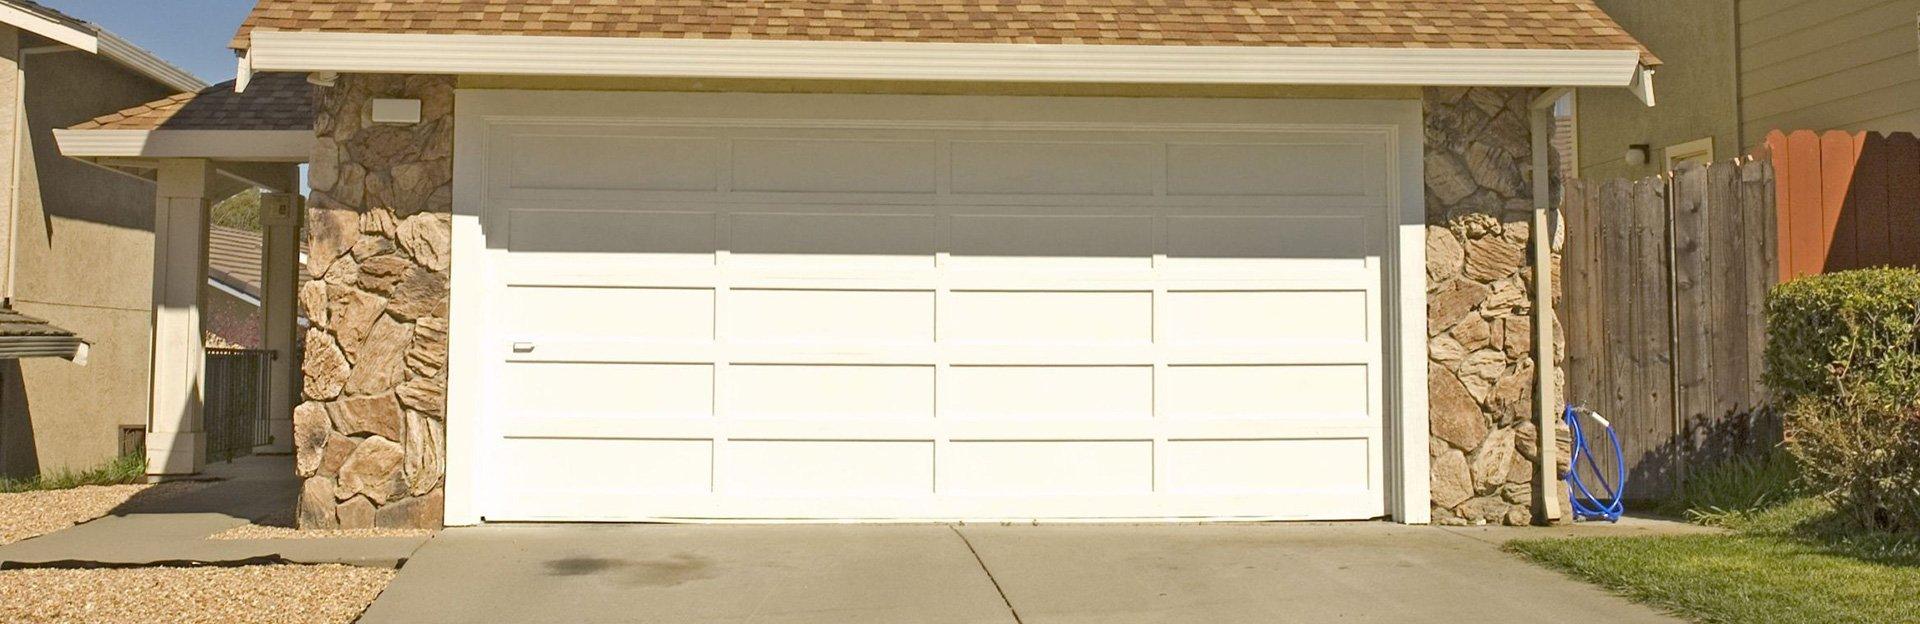 Pose porte de garage menuisier dunkerque menuiserie for Pose porte de garage